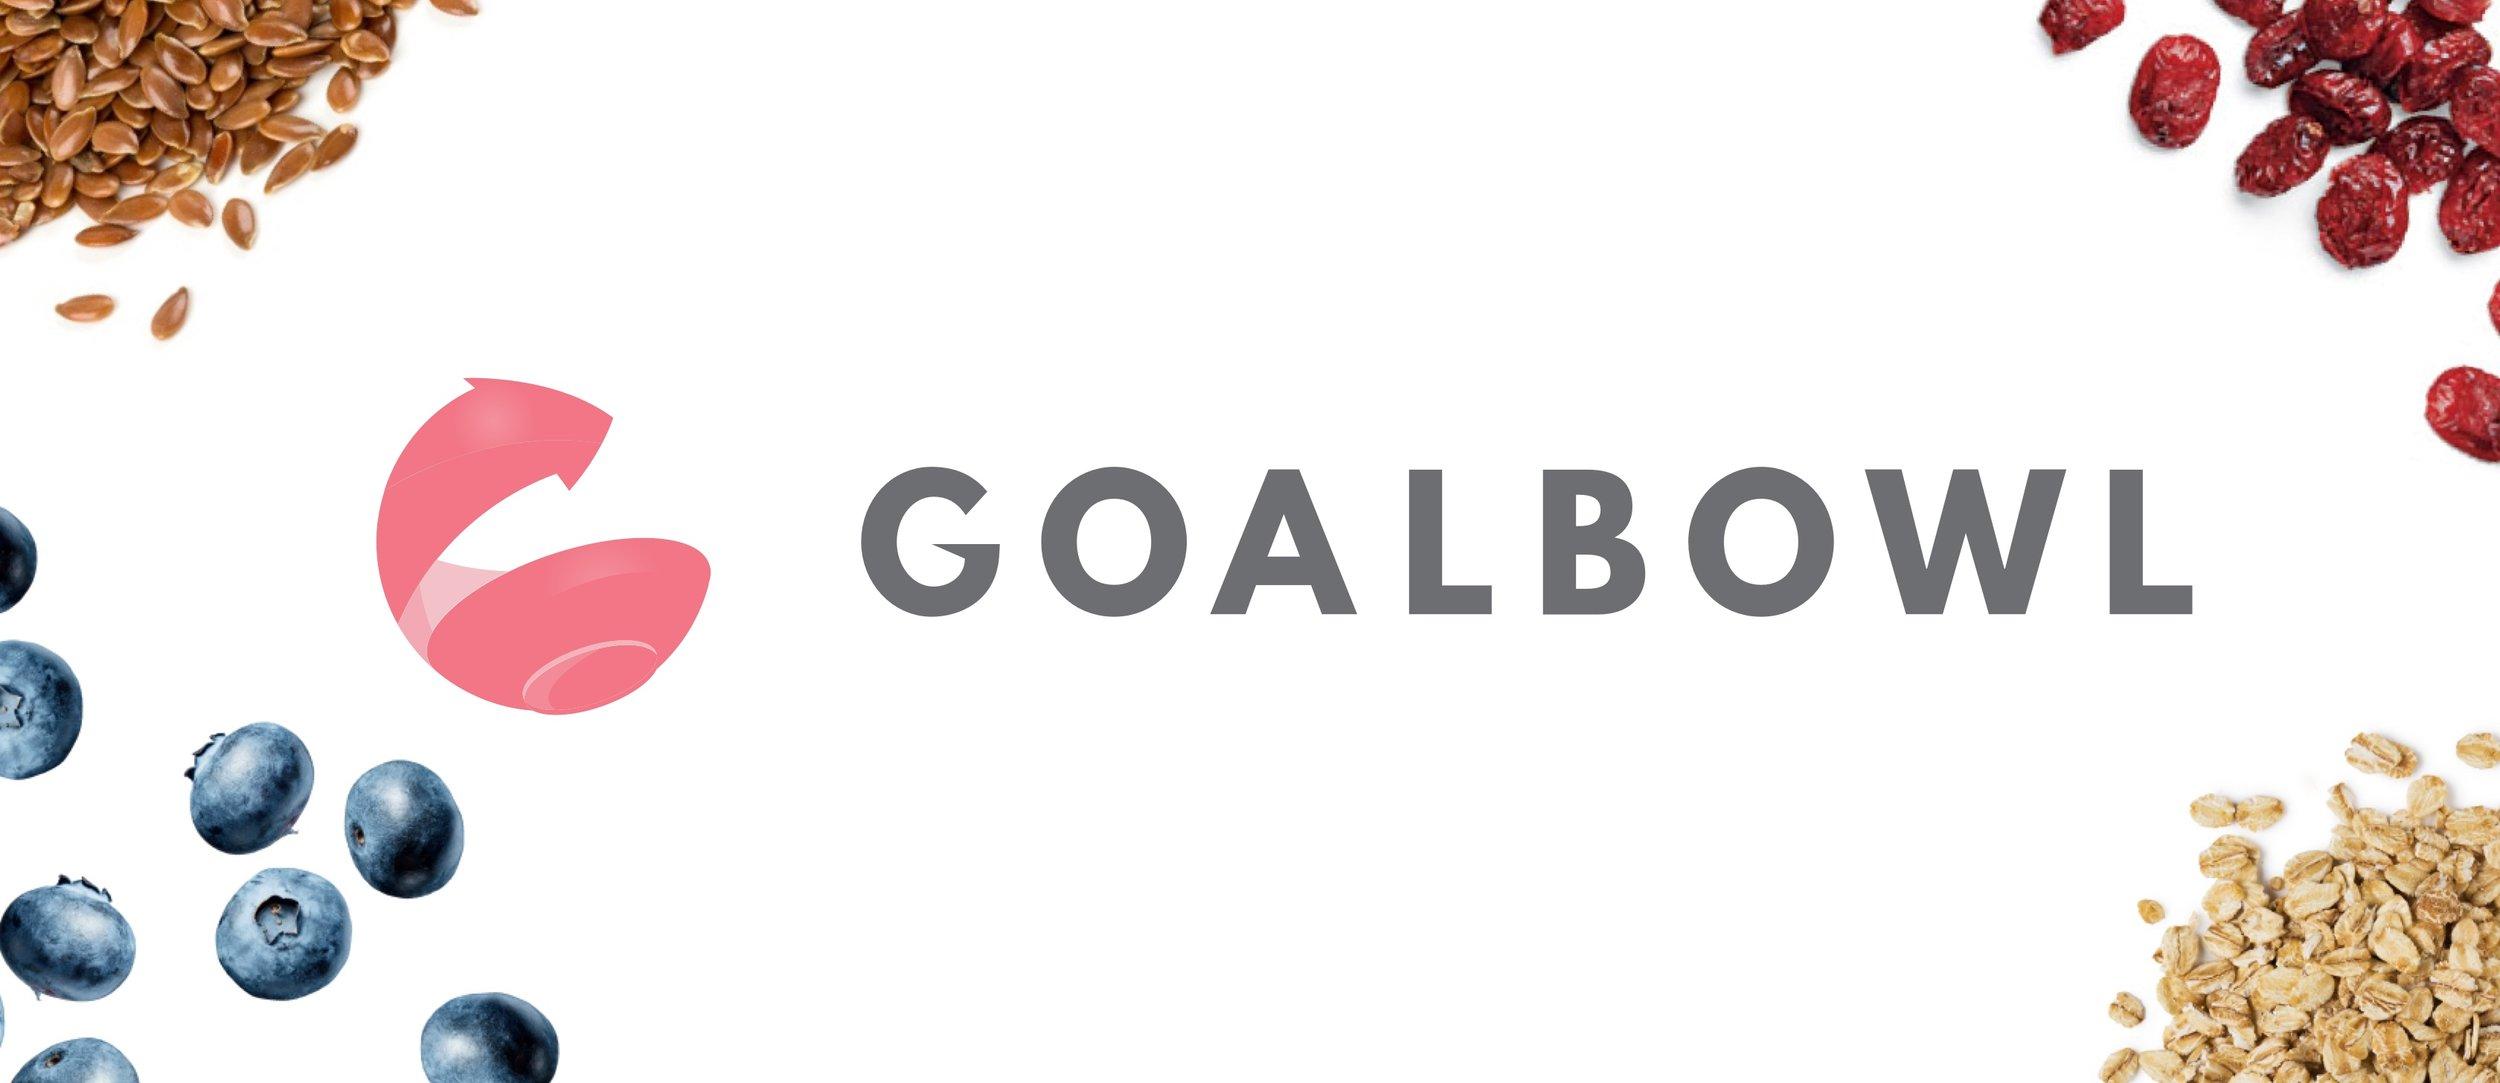 goalbowl hero.jpg